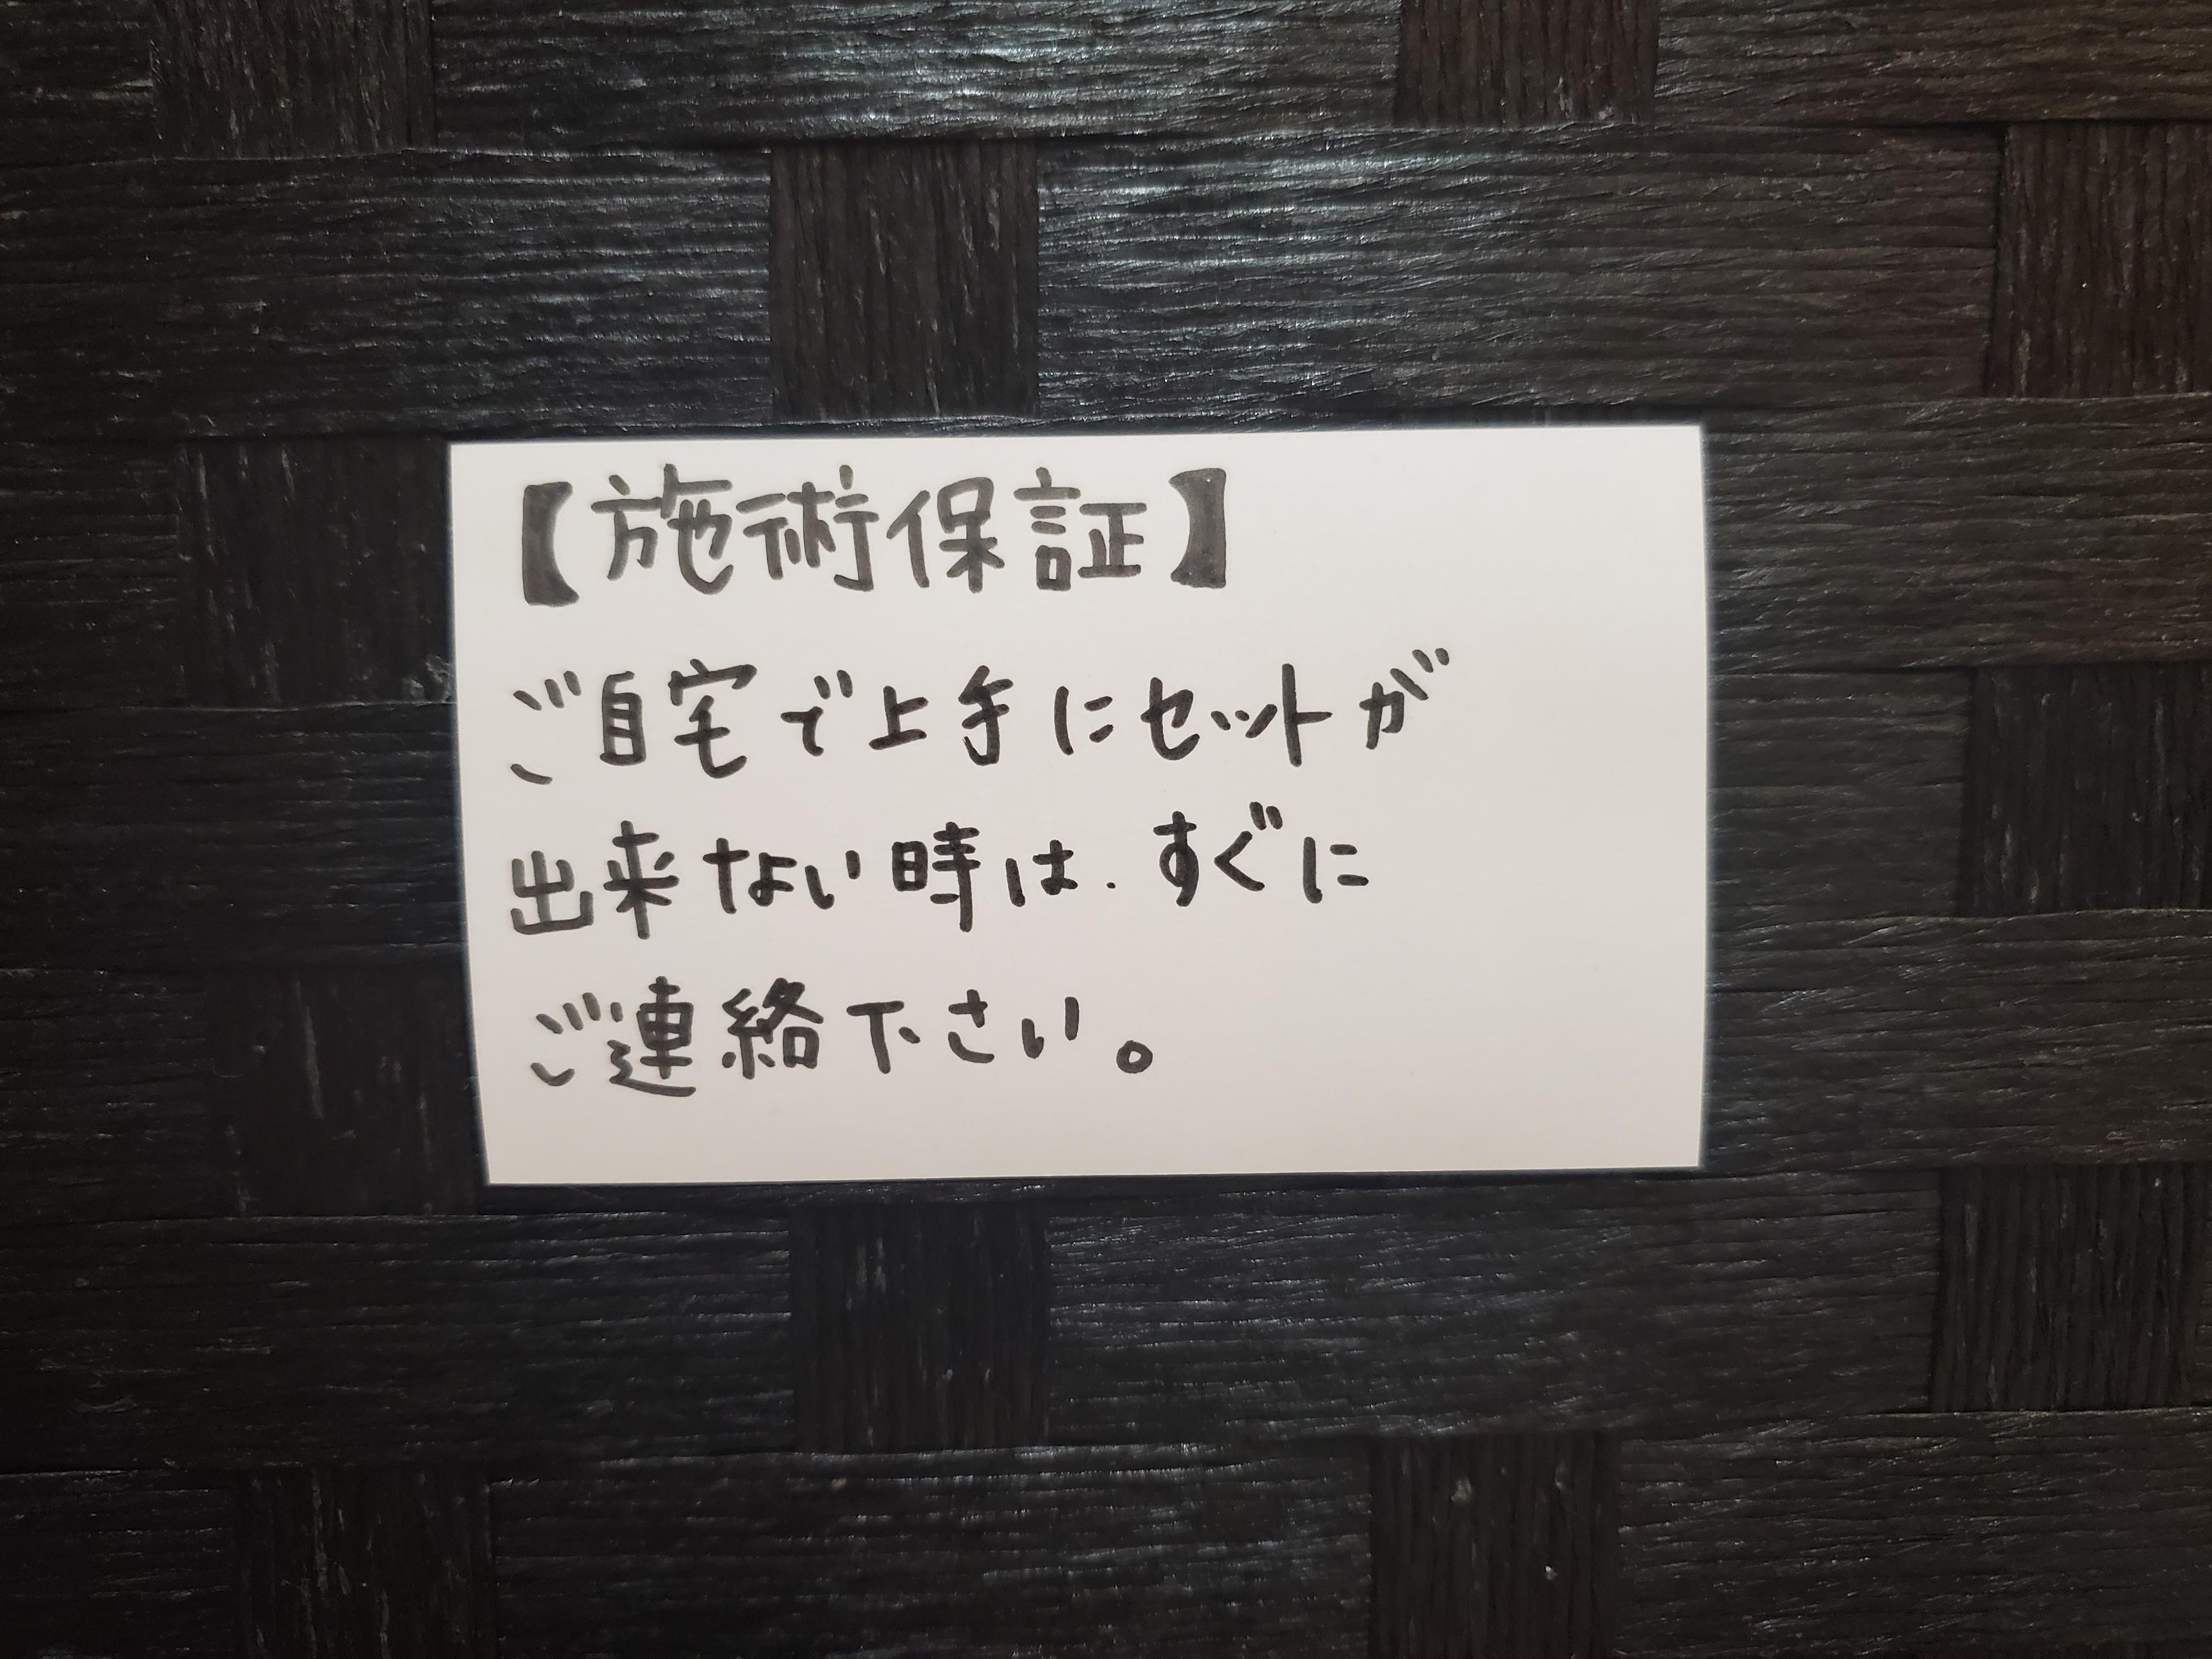 20190708_173123.jpg ka-do